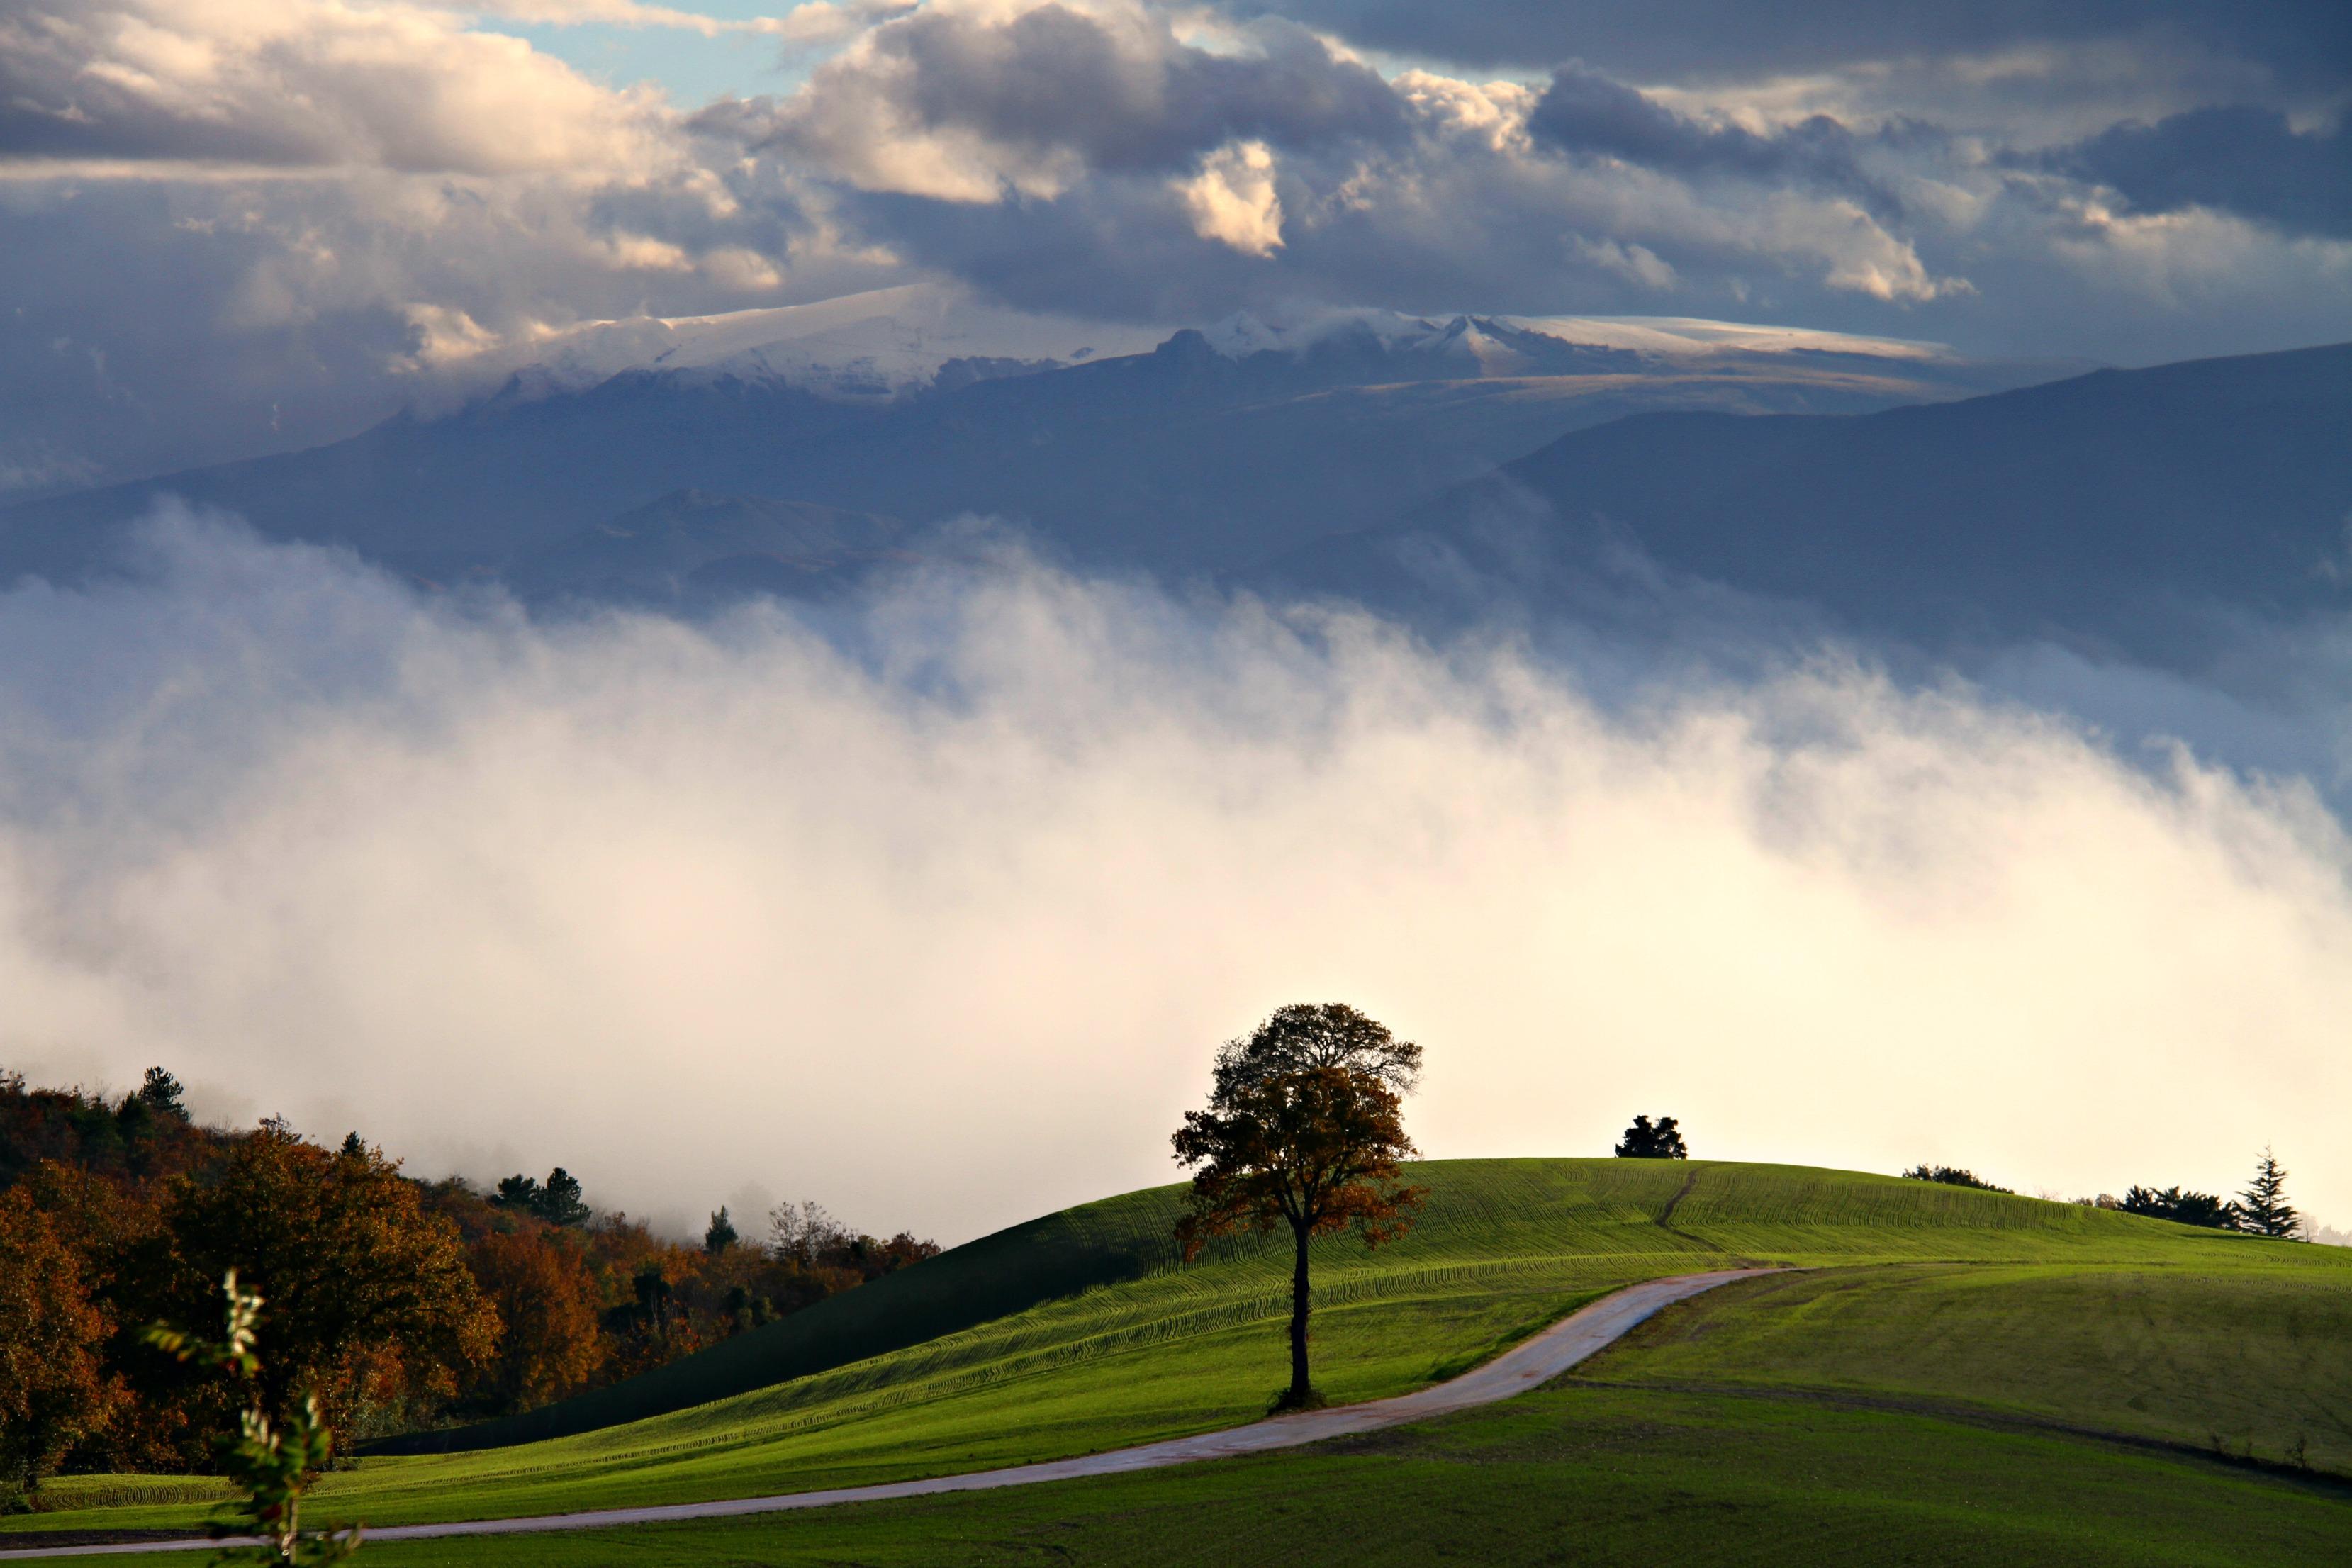 Sfondi  paesaggio montagne Italia collina natura erba cielo la neve campo verde colline mattina orizzonte panorama crepuscolo